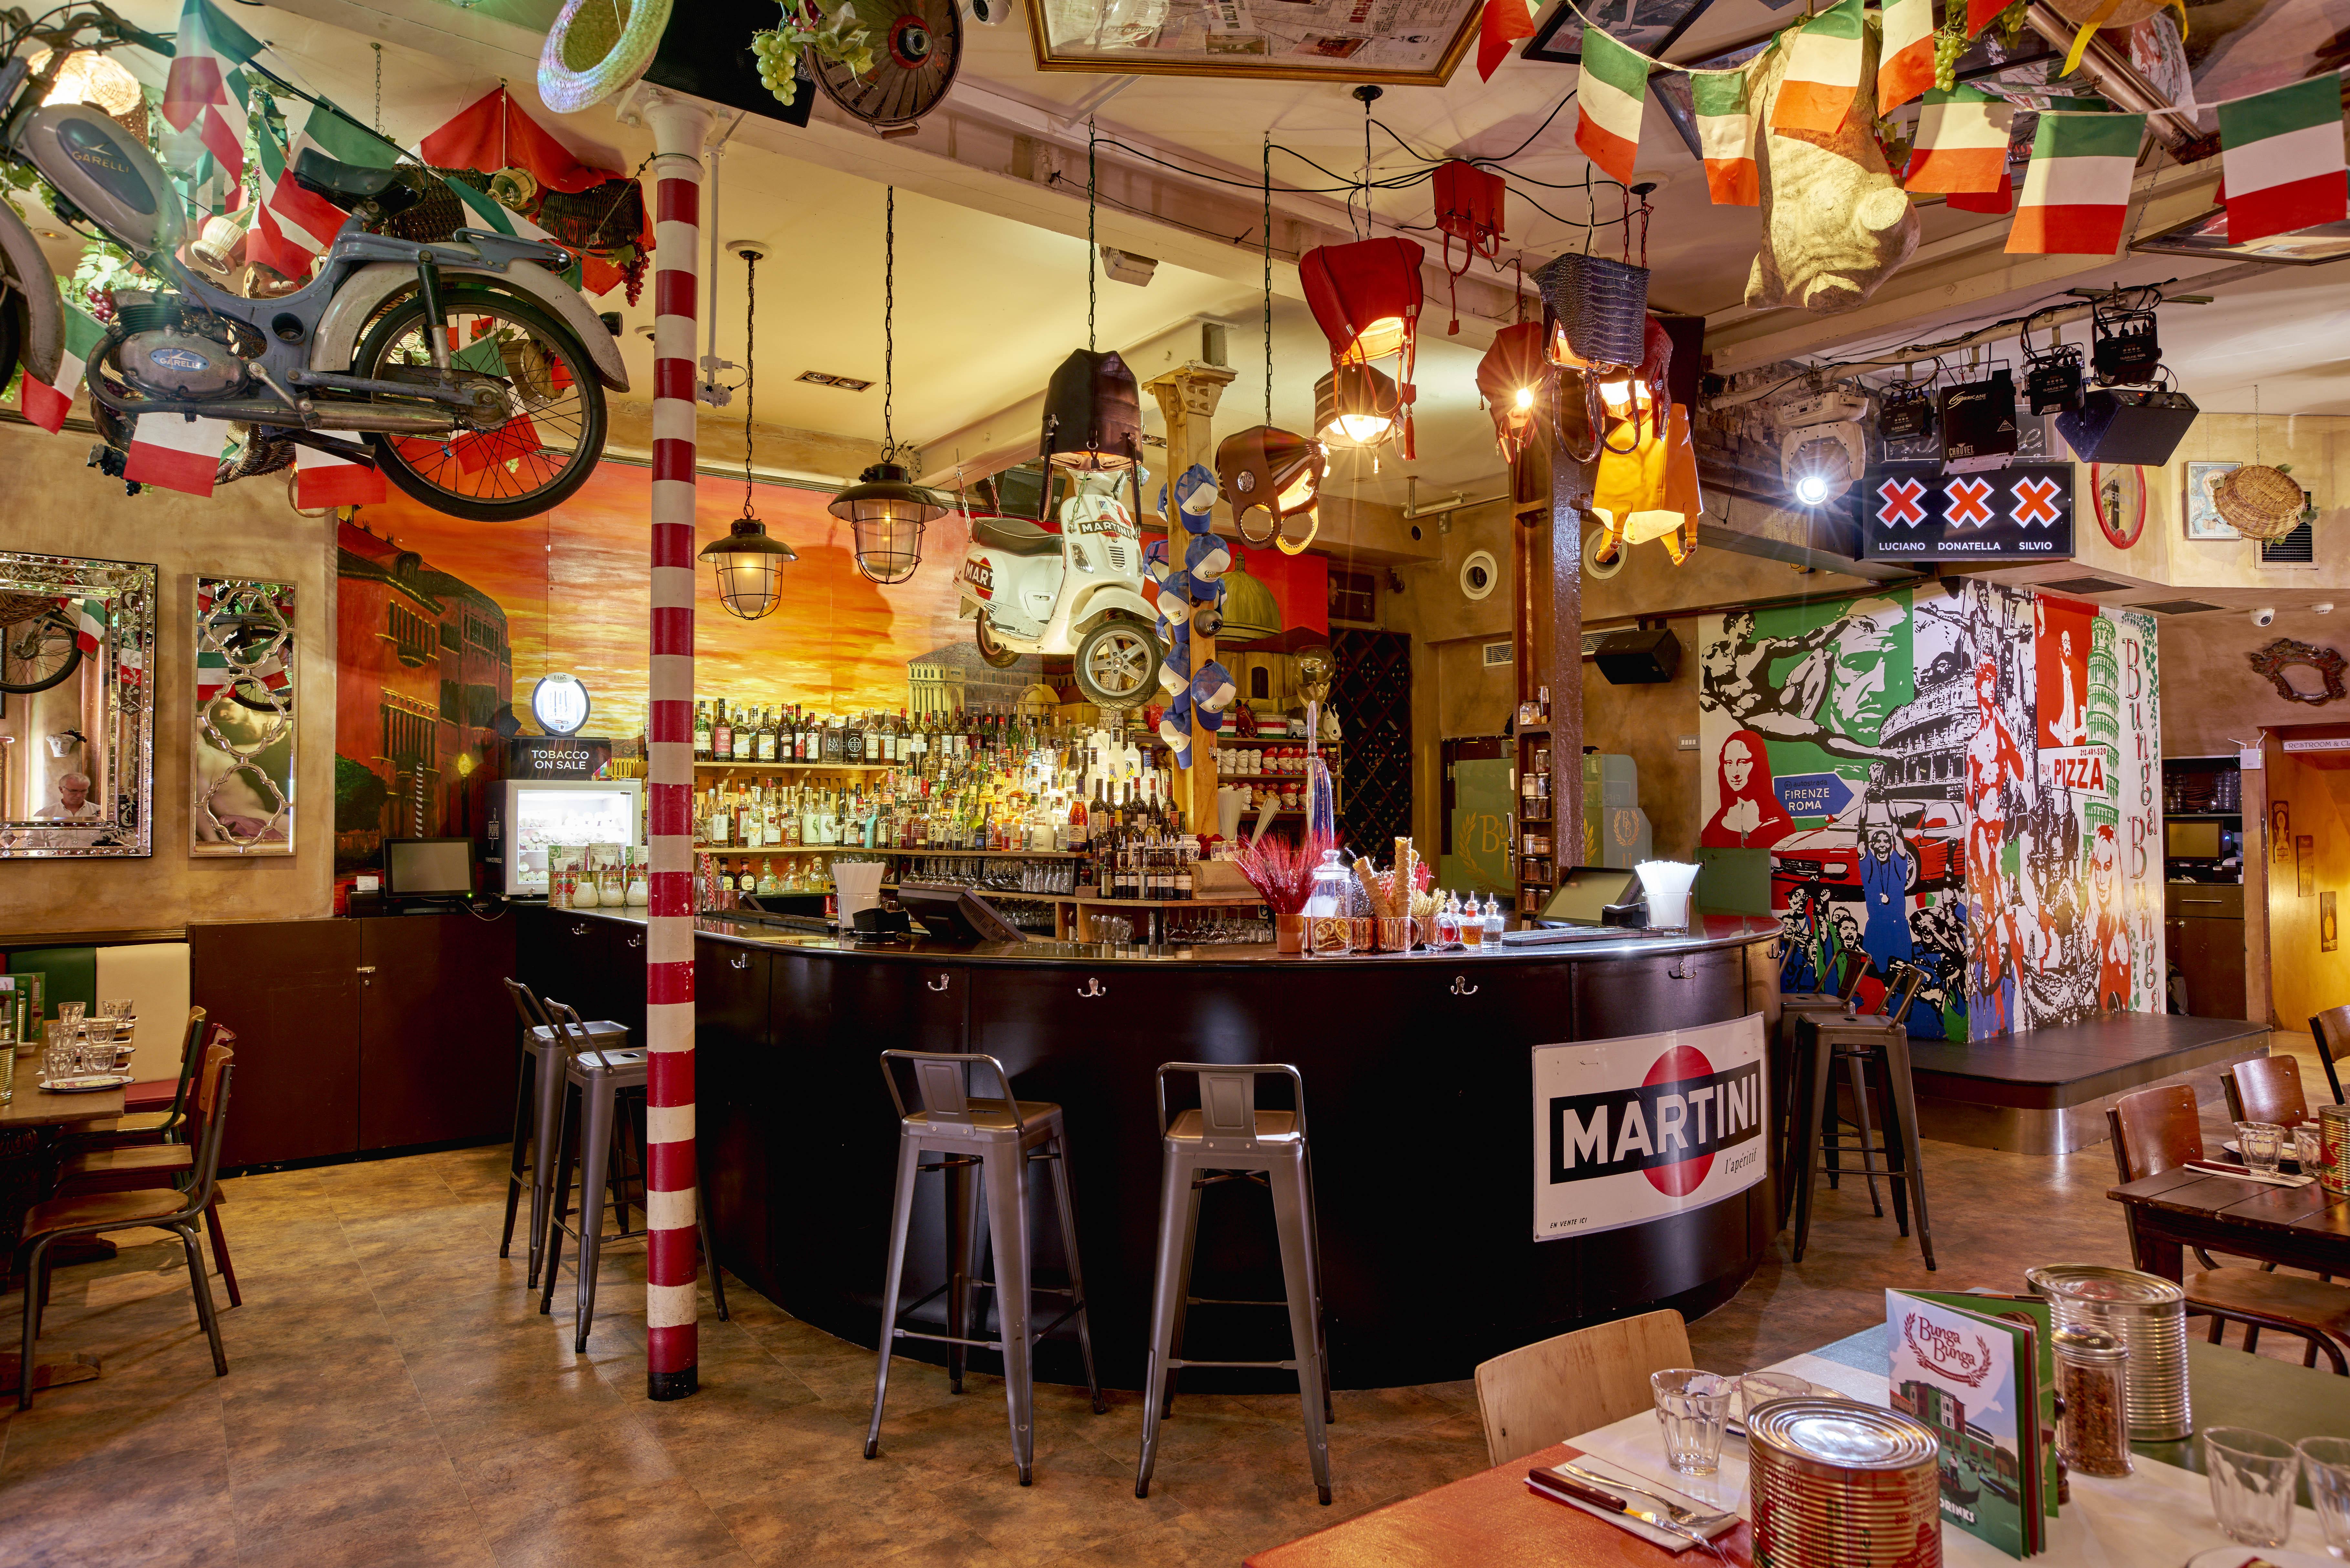 bunga bunga battersea bridge road london bar review